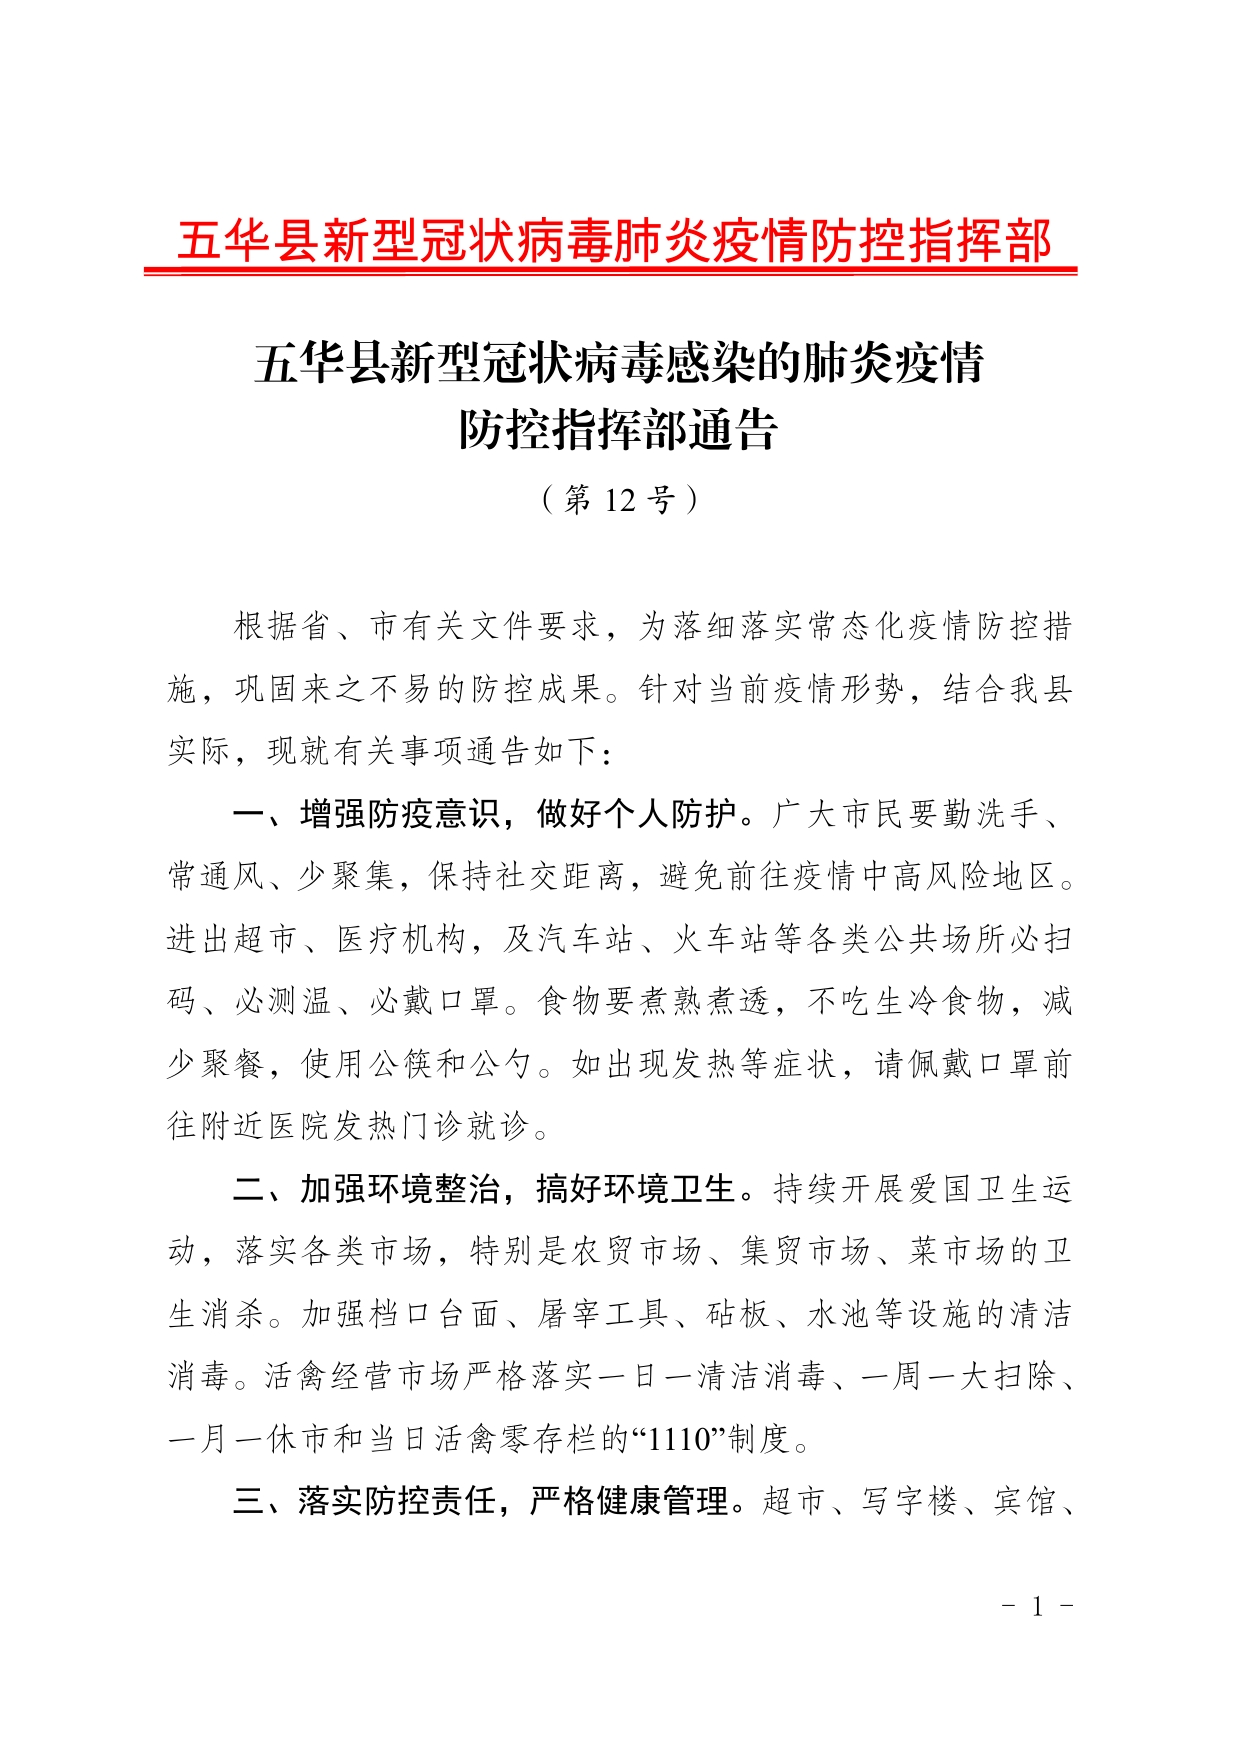 五华县新型冠状病毒感染的肺炎疫情防控指挥部通告(第12号)(1)0000.jpg